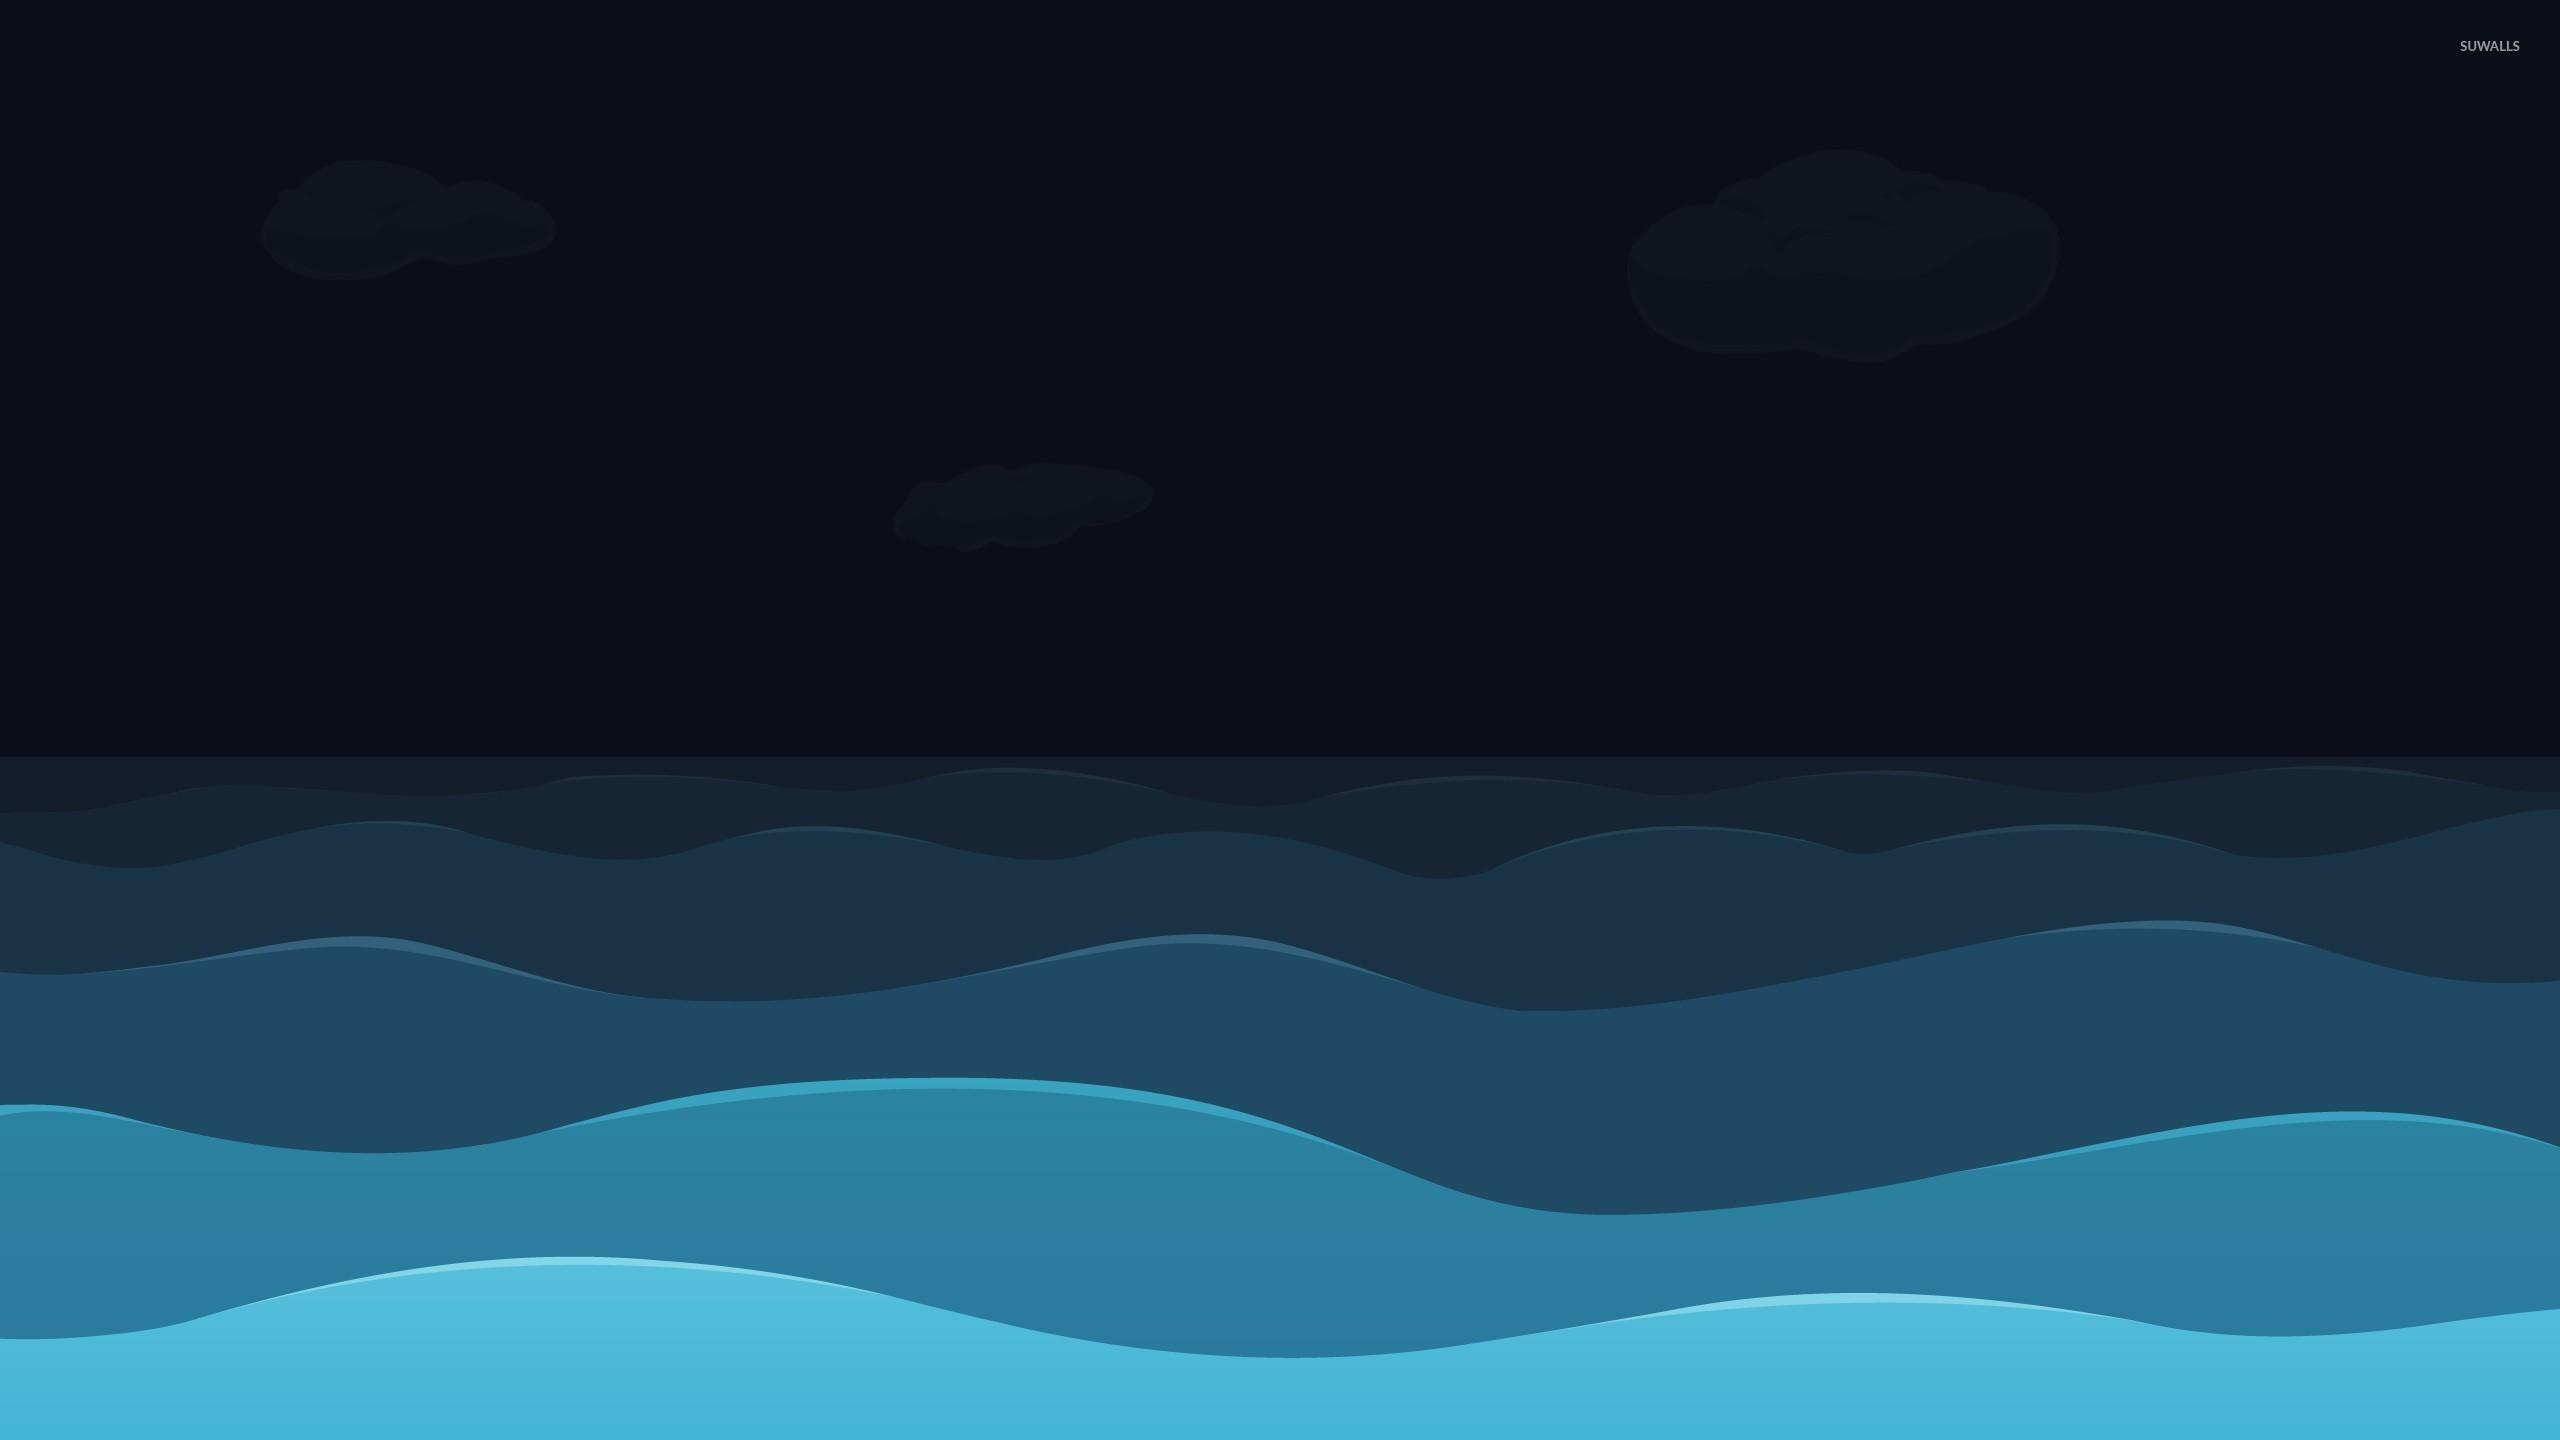 sea at night wallpaper vector wallpapers 21960